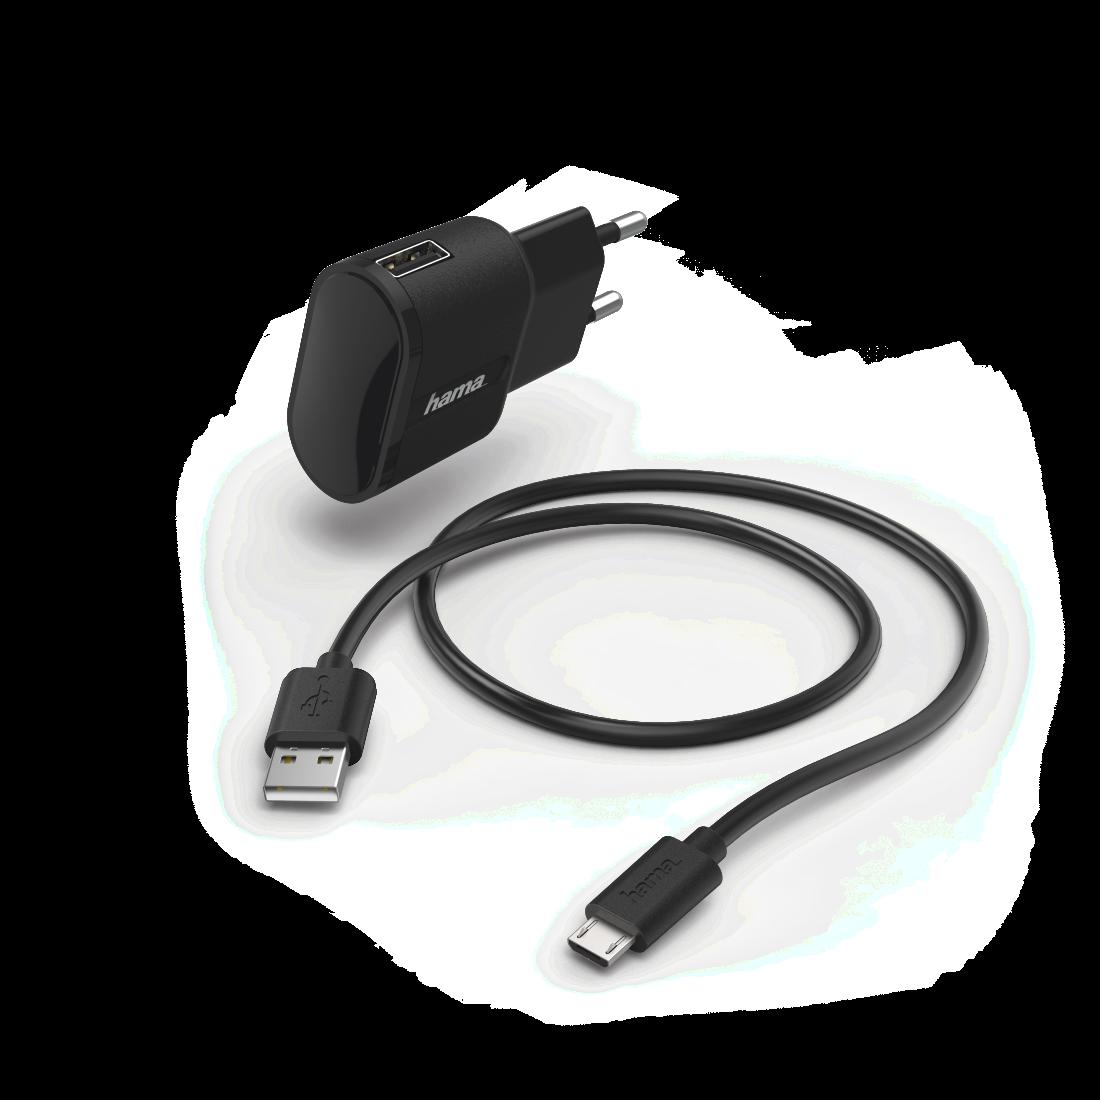 Hama Kfz Ladegerät Micro USB 1 A schwarz Lade Netzteil für